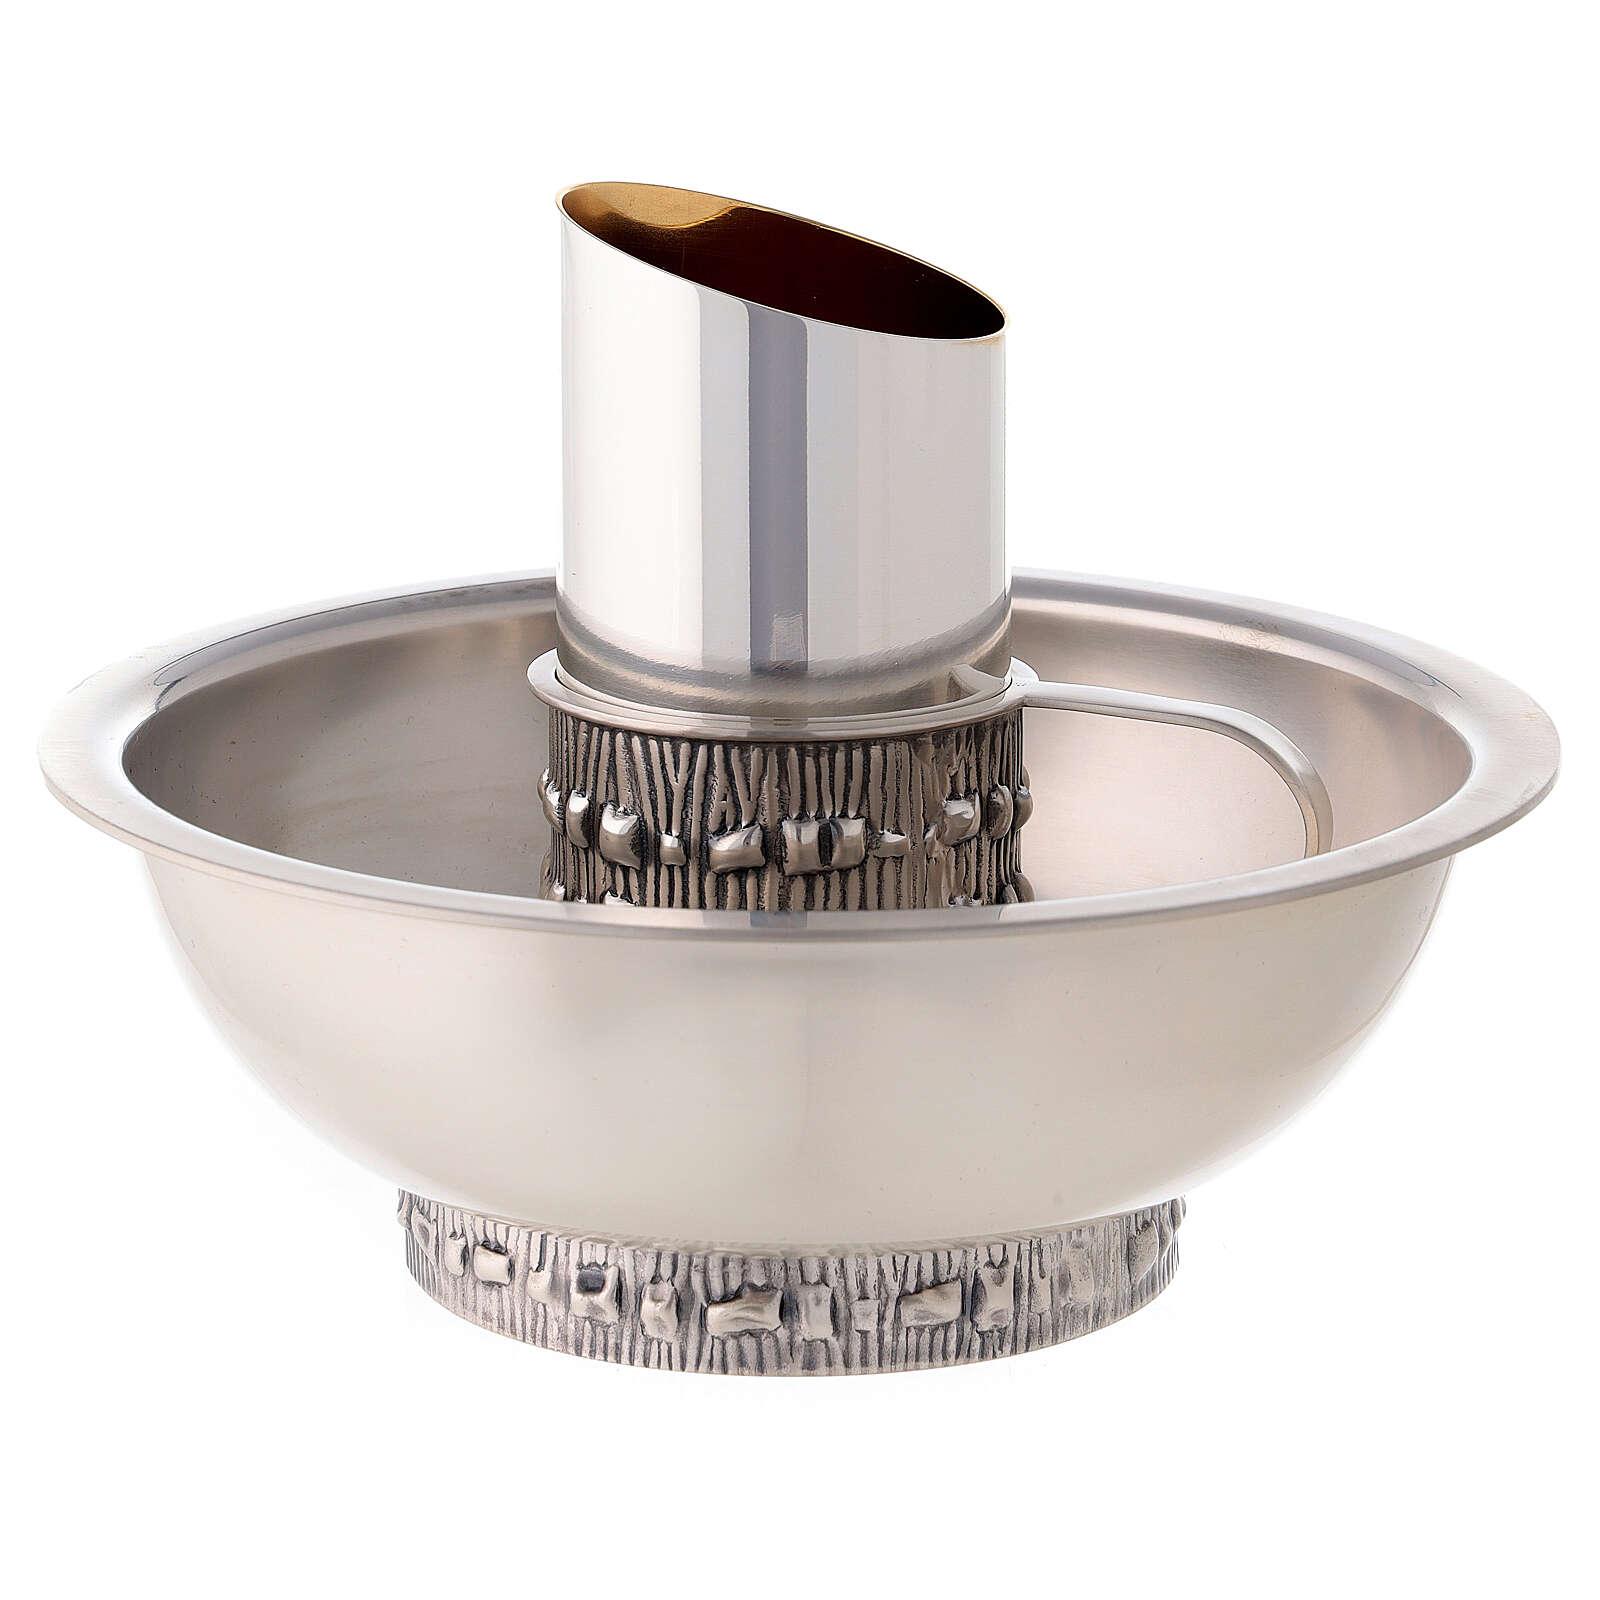 Kanne zur Händewaschung und Wasserschale von Molina aus versilbertem Messing 3